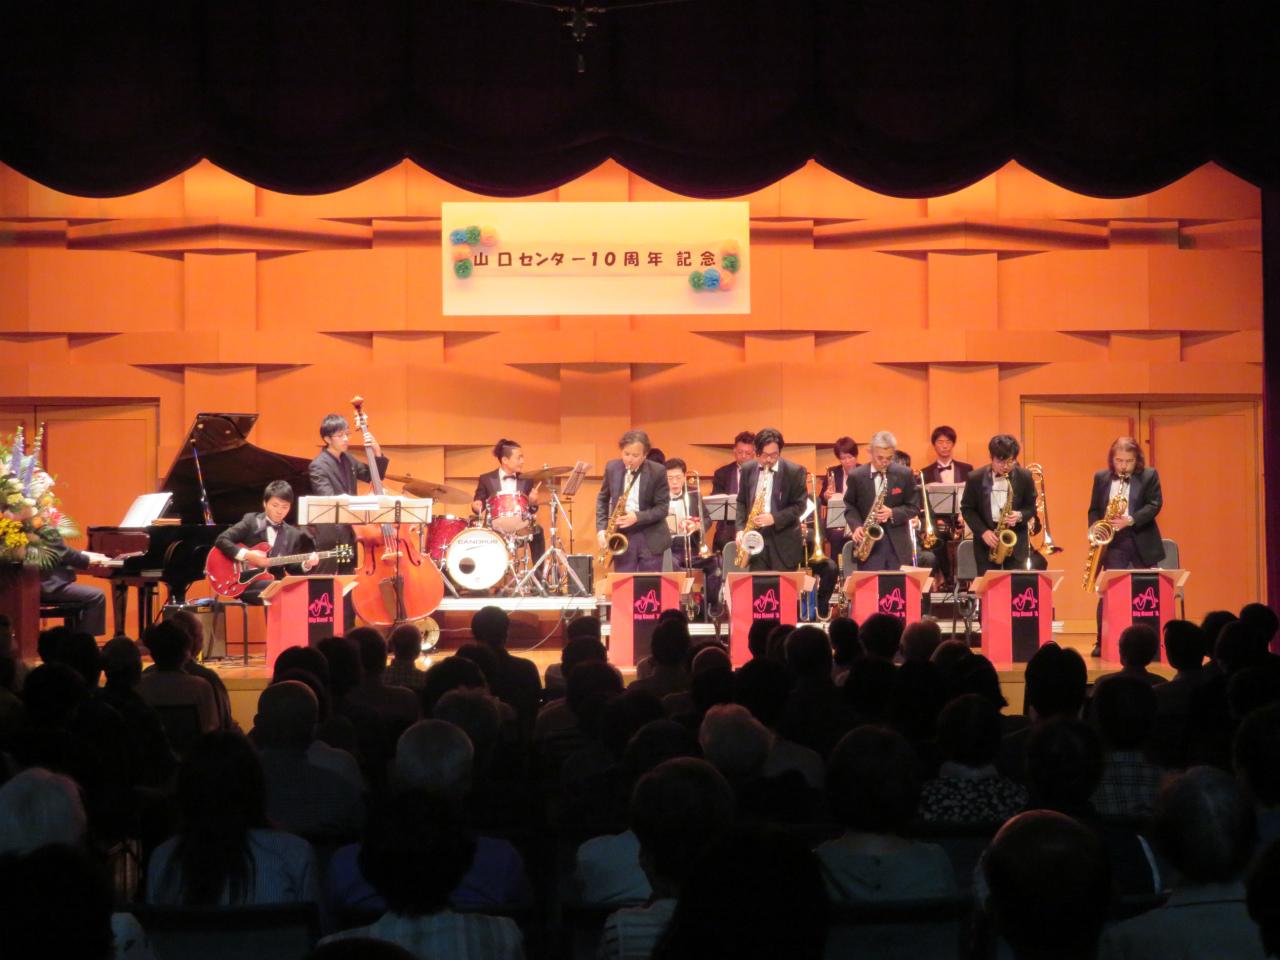 ビッグバンドによるジャズ演奏